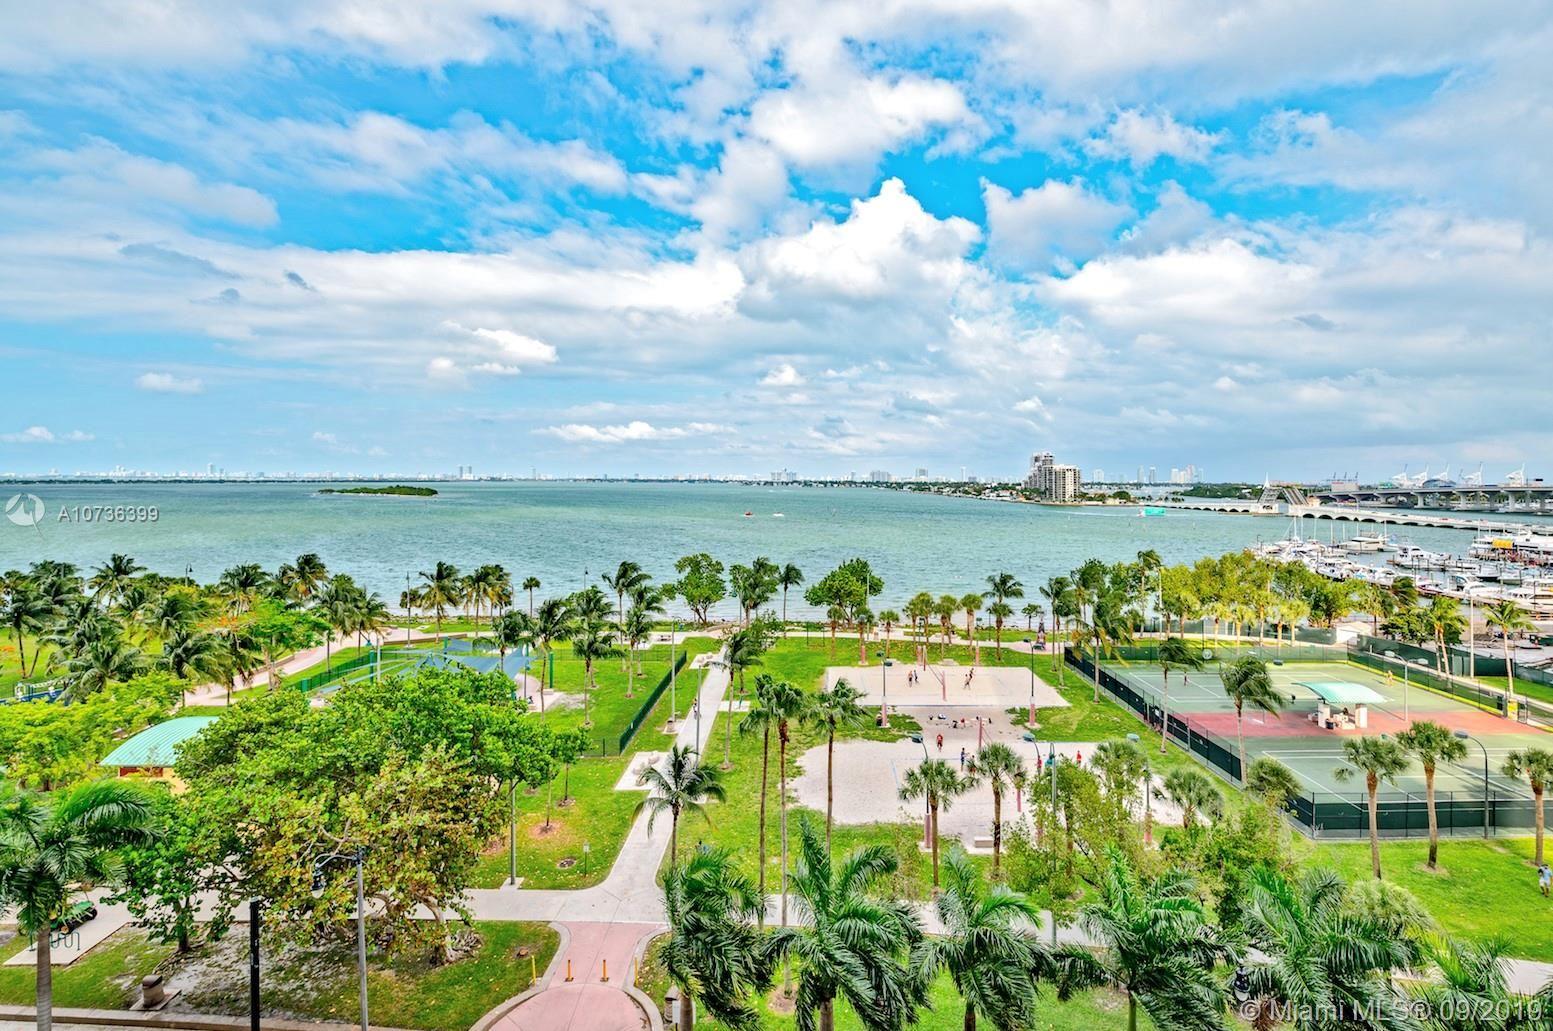 488 NE 18th St #704, Miami, FL 33132 - #: A10736399